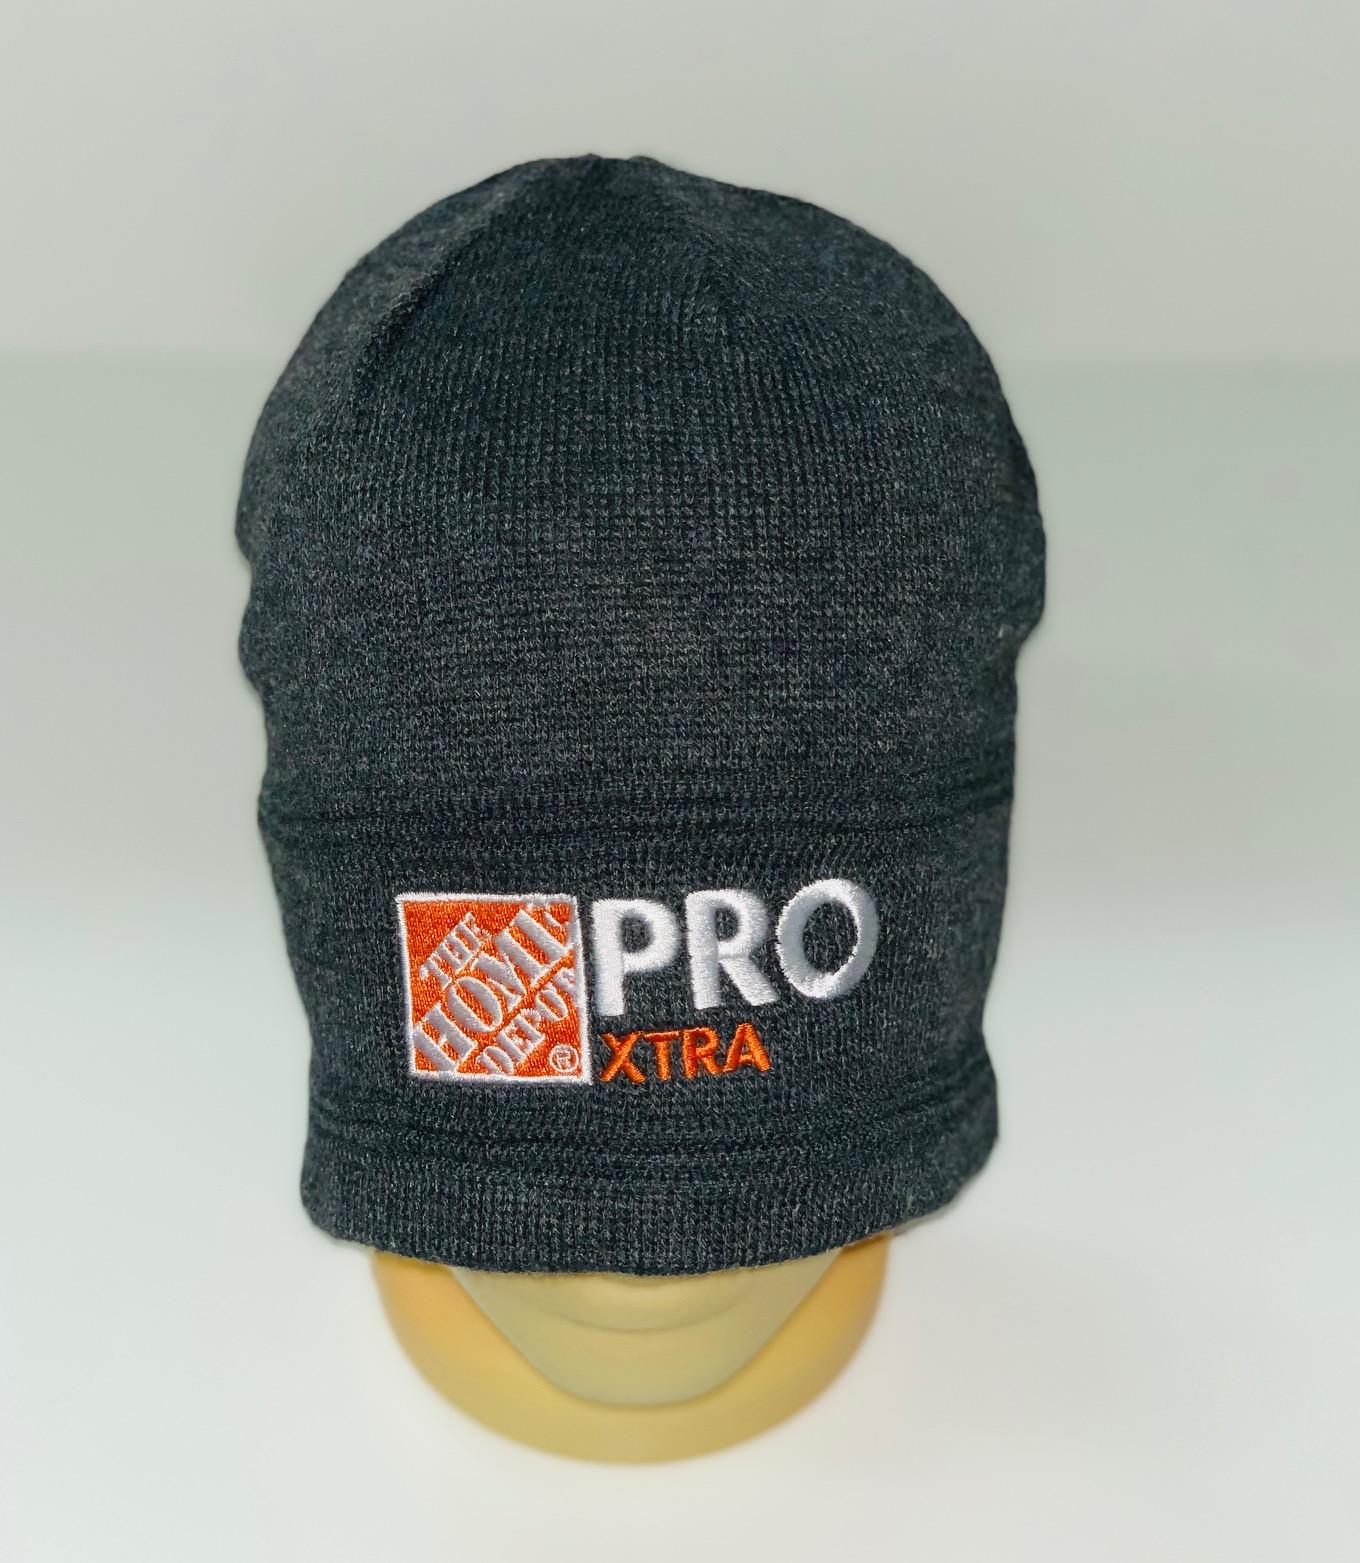 Оригинальная шапка с вышитой надписью